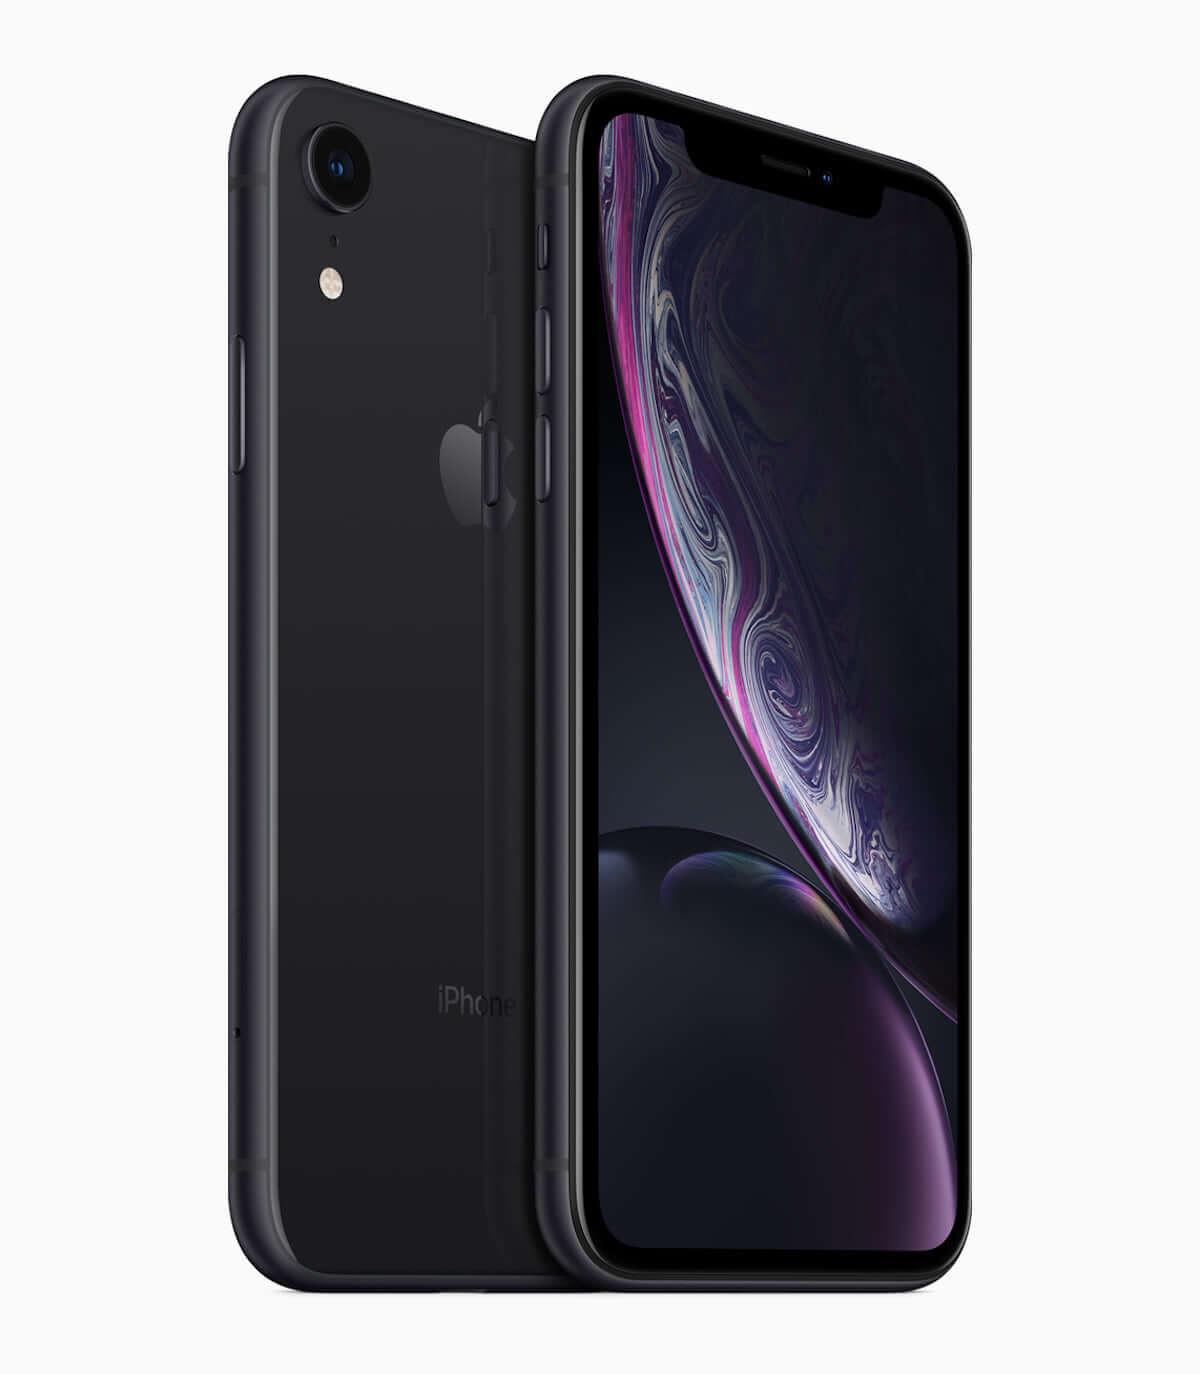 iPhone XRの店頭在庫状況。ホワイト、ブラックは在庫豊富、イエロー、ブルーは品薄? technology181022_iphone-xr_1-1200x1374